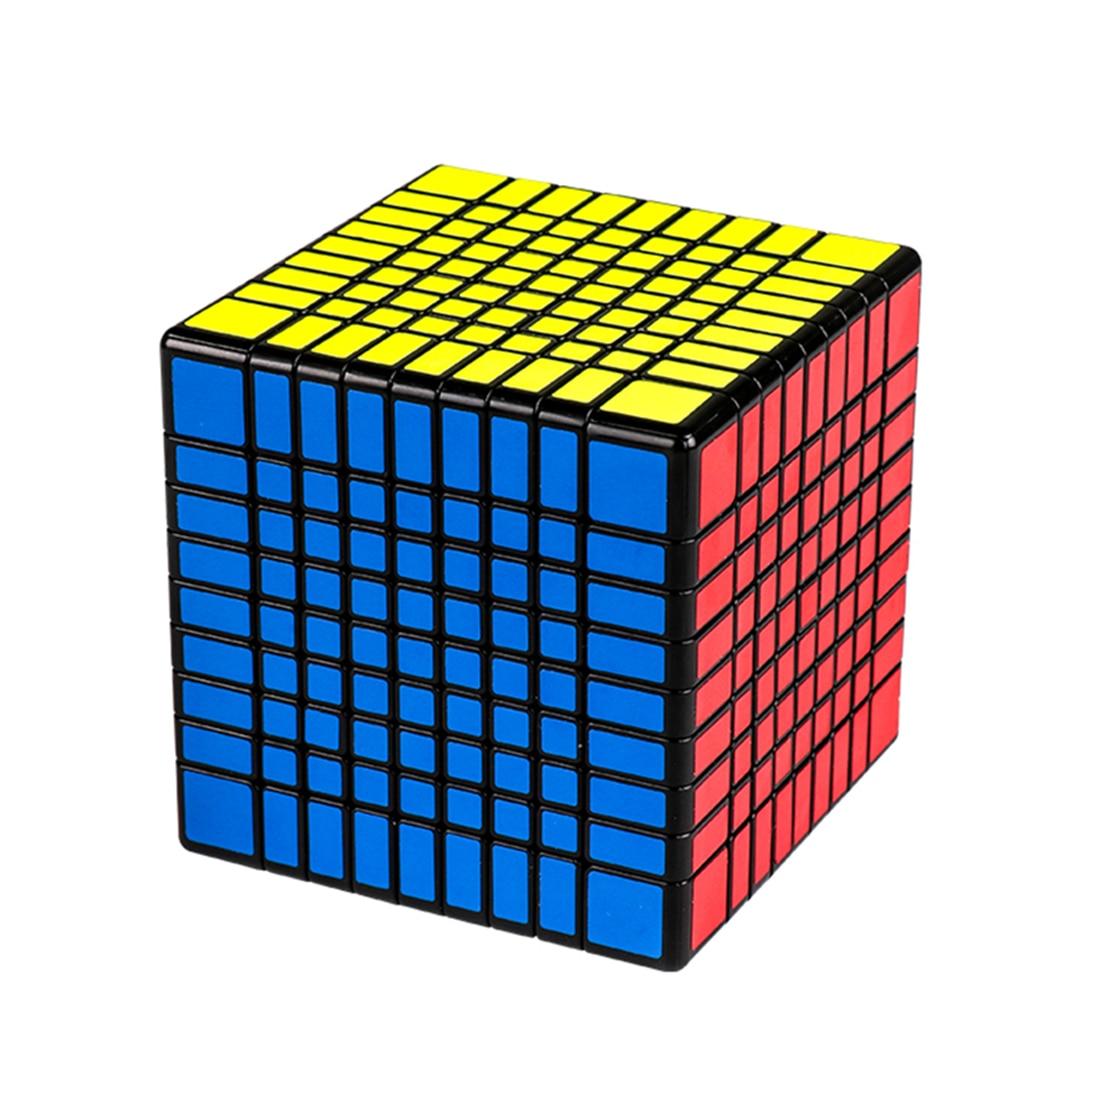 MF8856 Mofang Jiaoshi MF9 9x9 Magic Cube for Brain Trainning Black